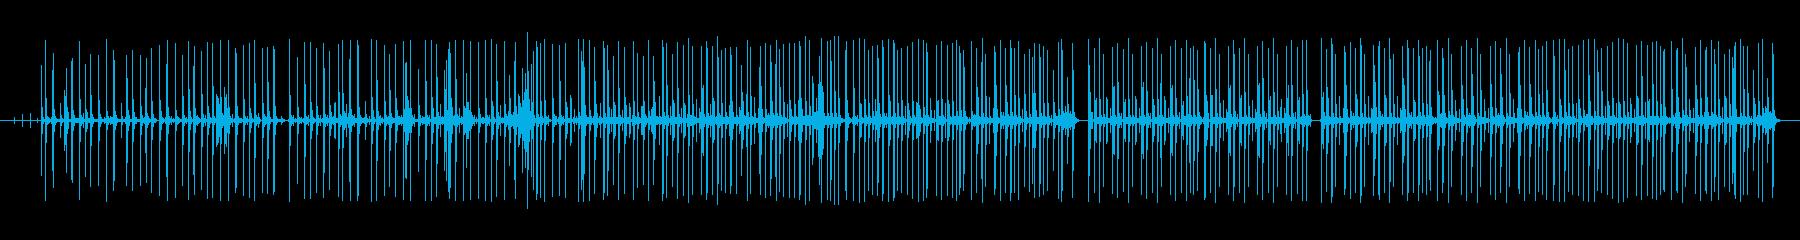 グルーブ16ビートpurdie風ドラム1の再生済みの波形